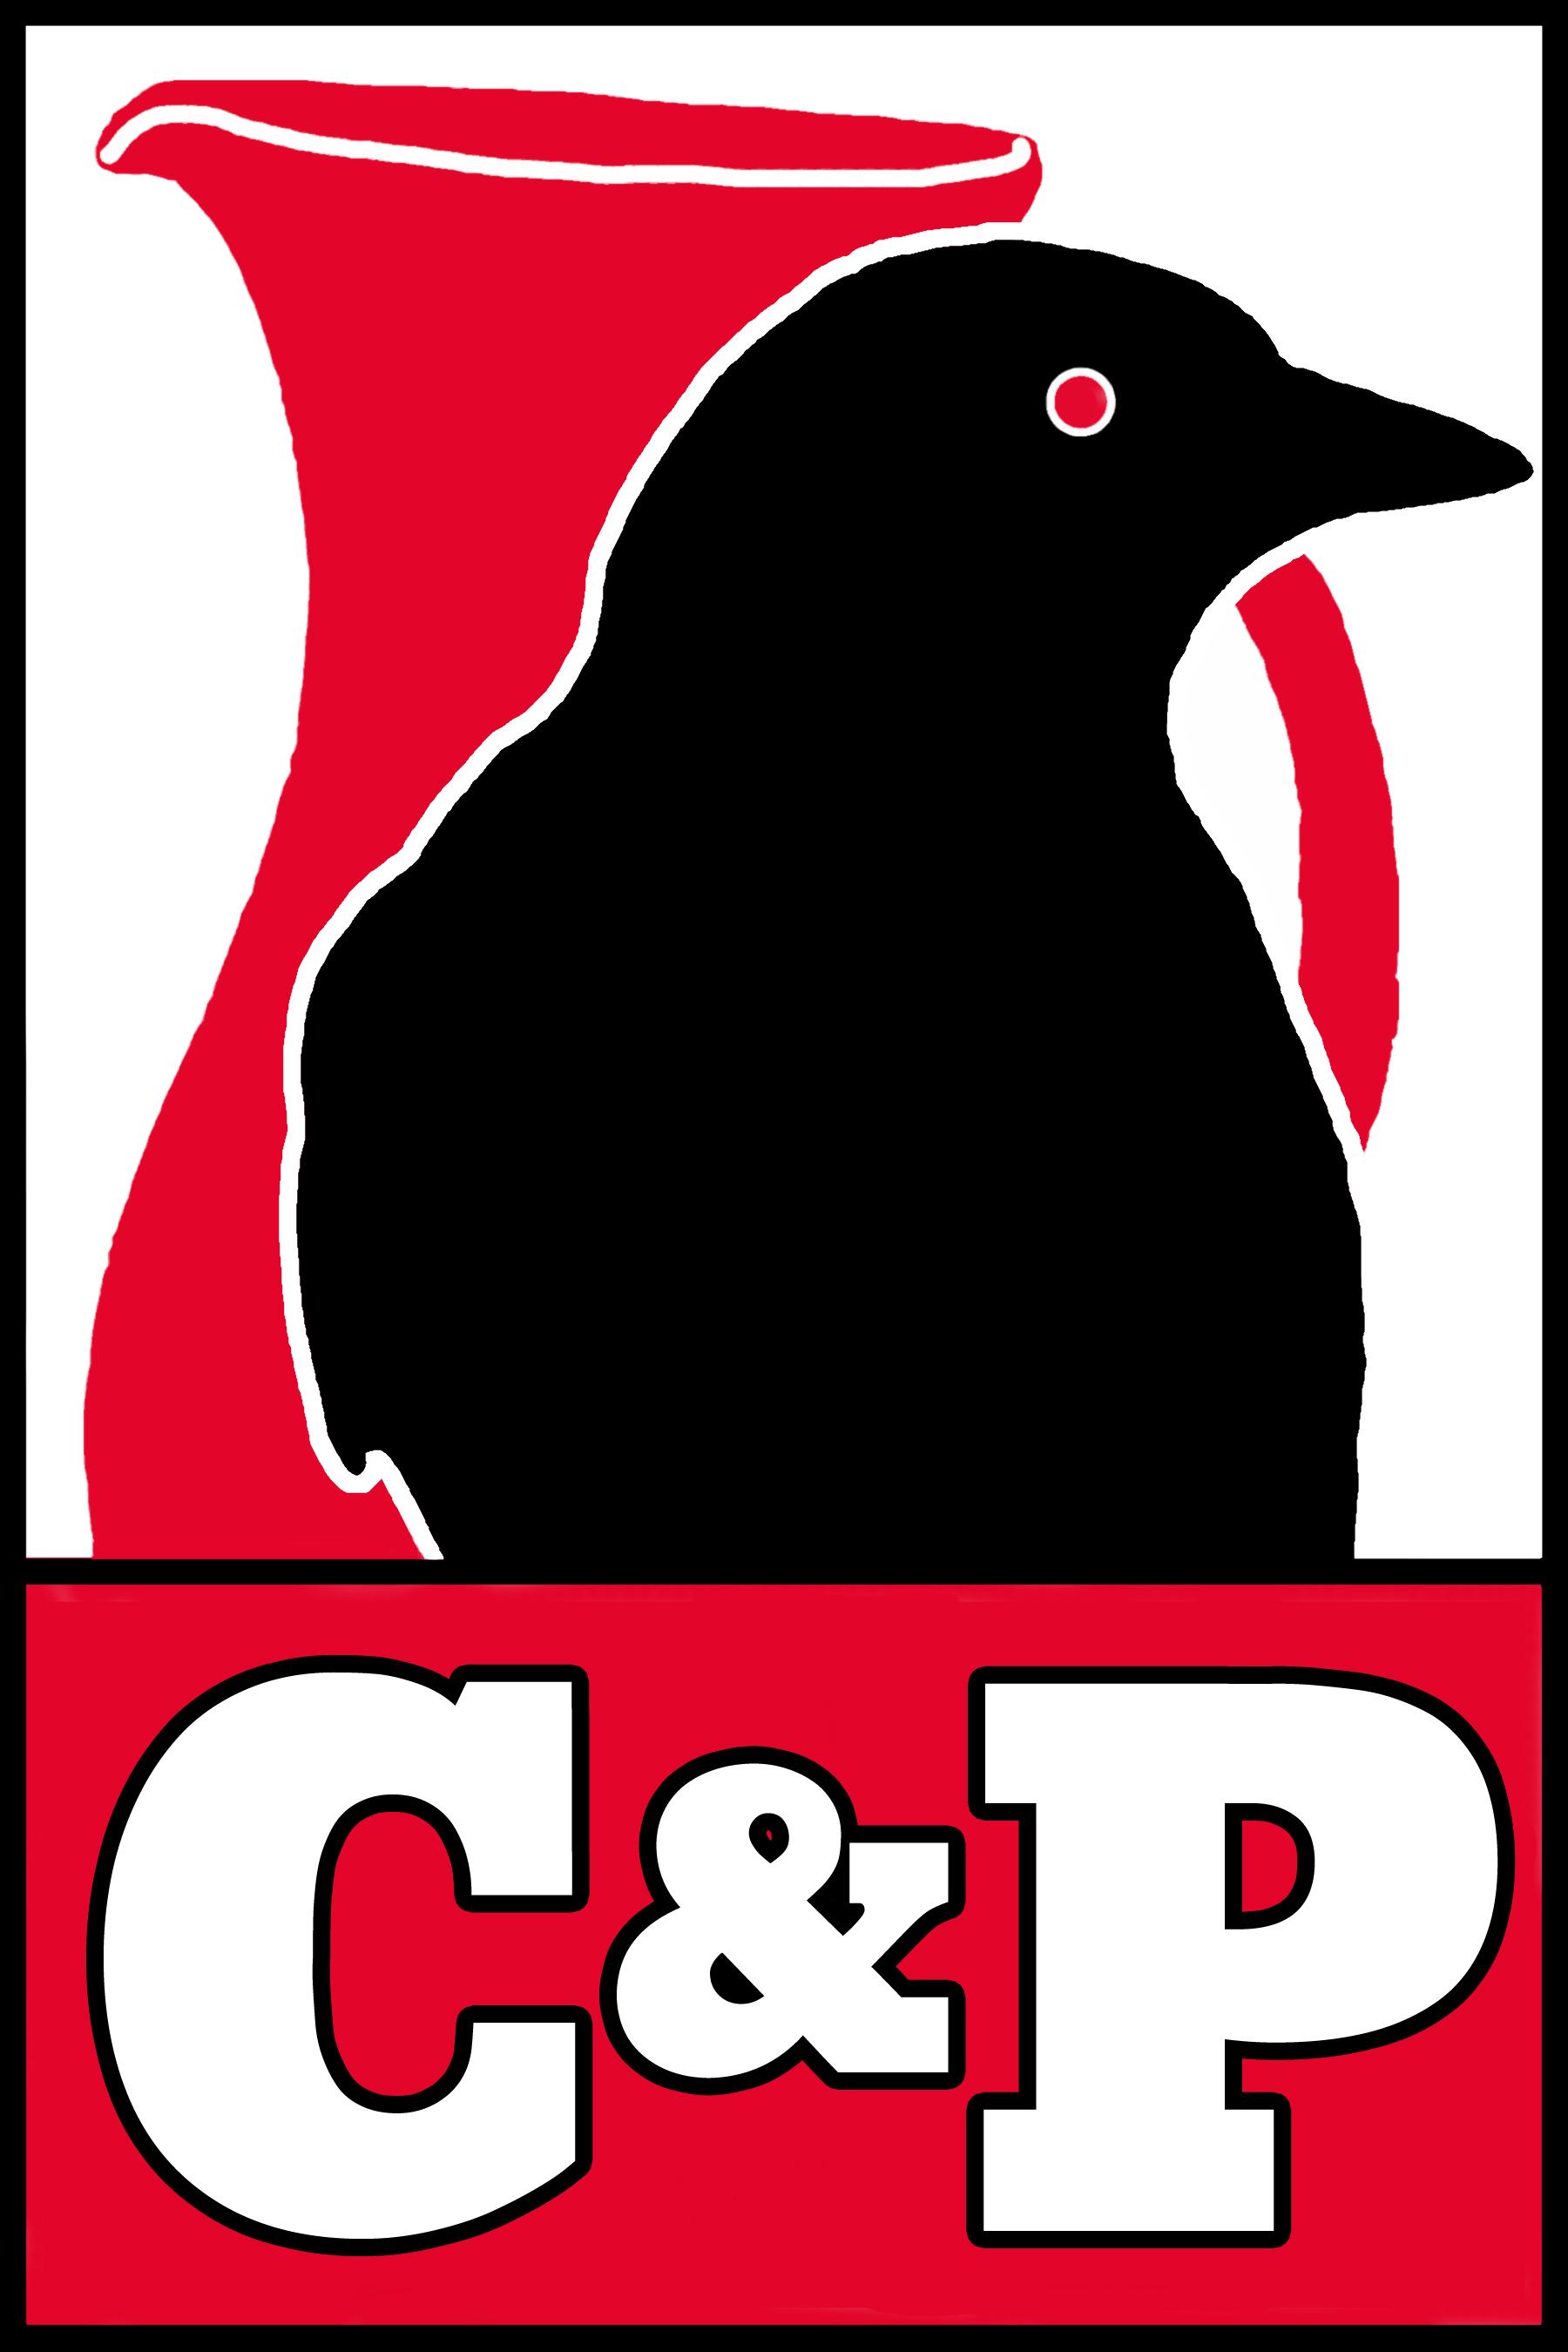 C&P-logo2